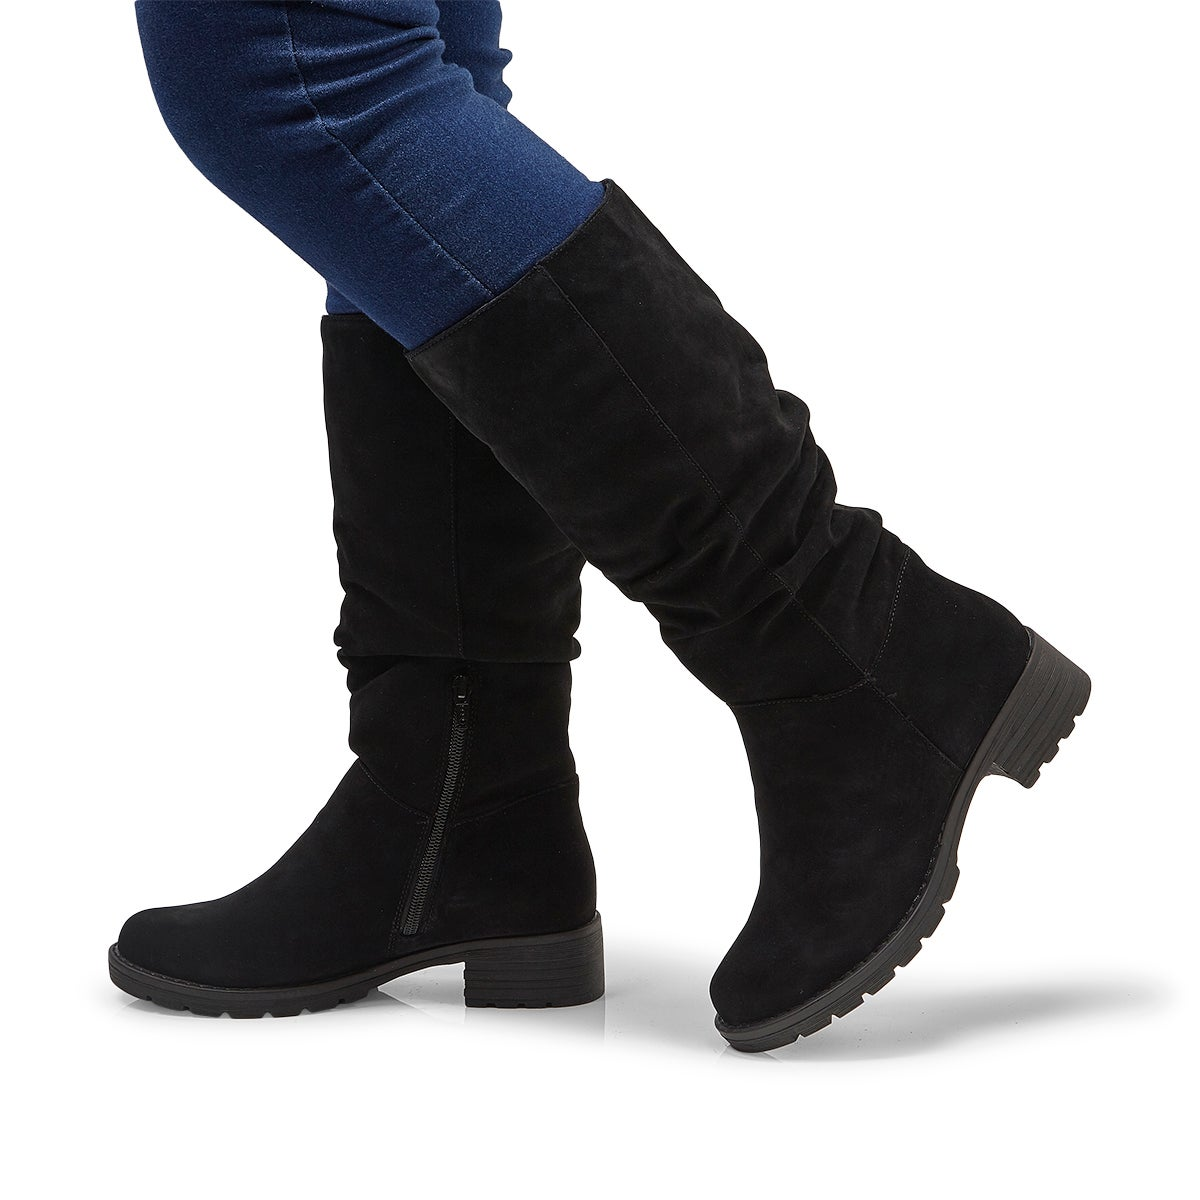 Lds Delores black casual mid calf boot